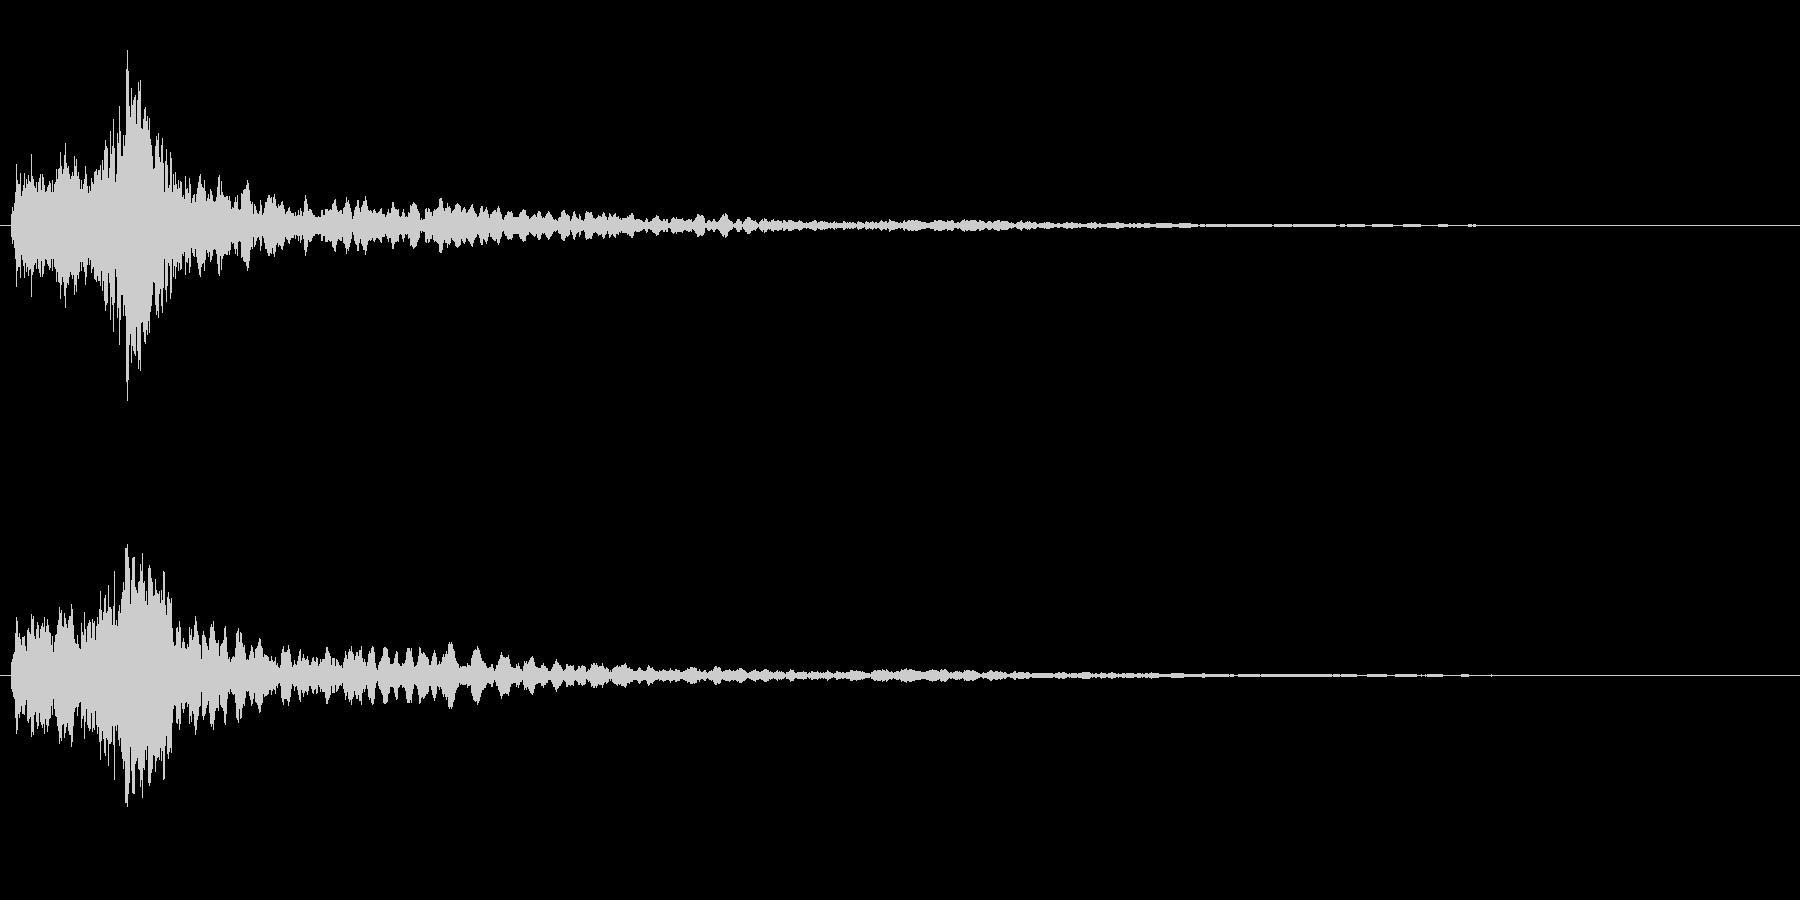 サスペンスに最適!ピアノの弦を弄ぶ音49の未再生の波形